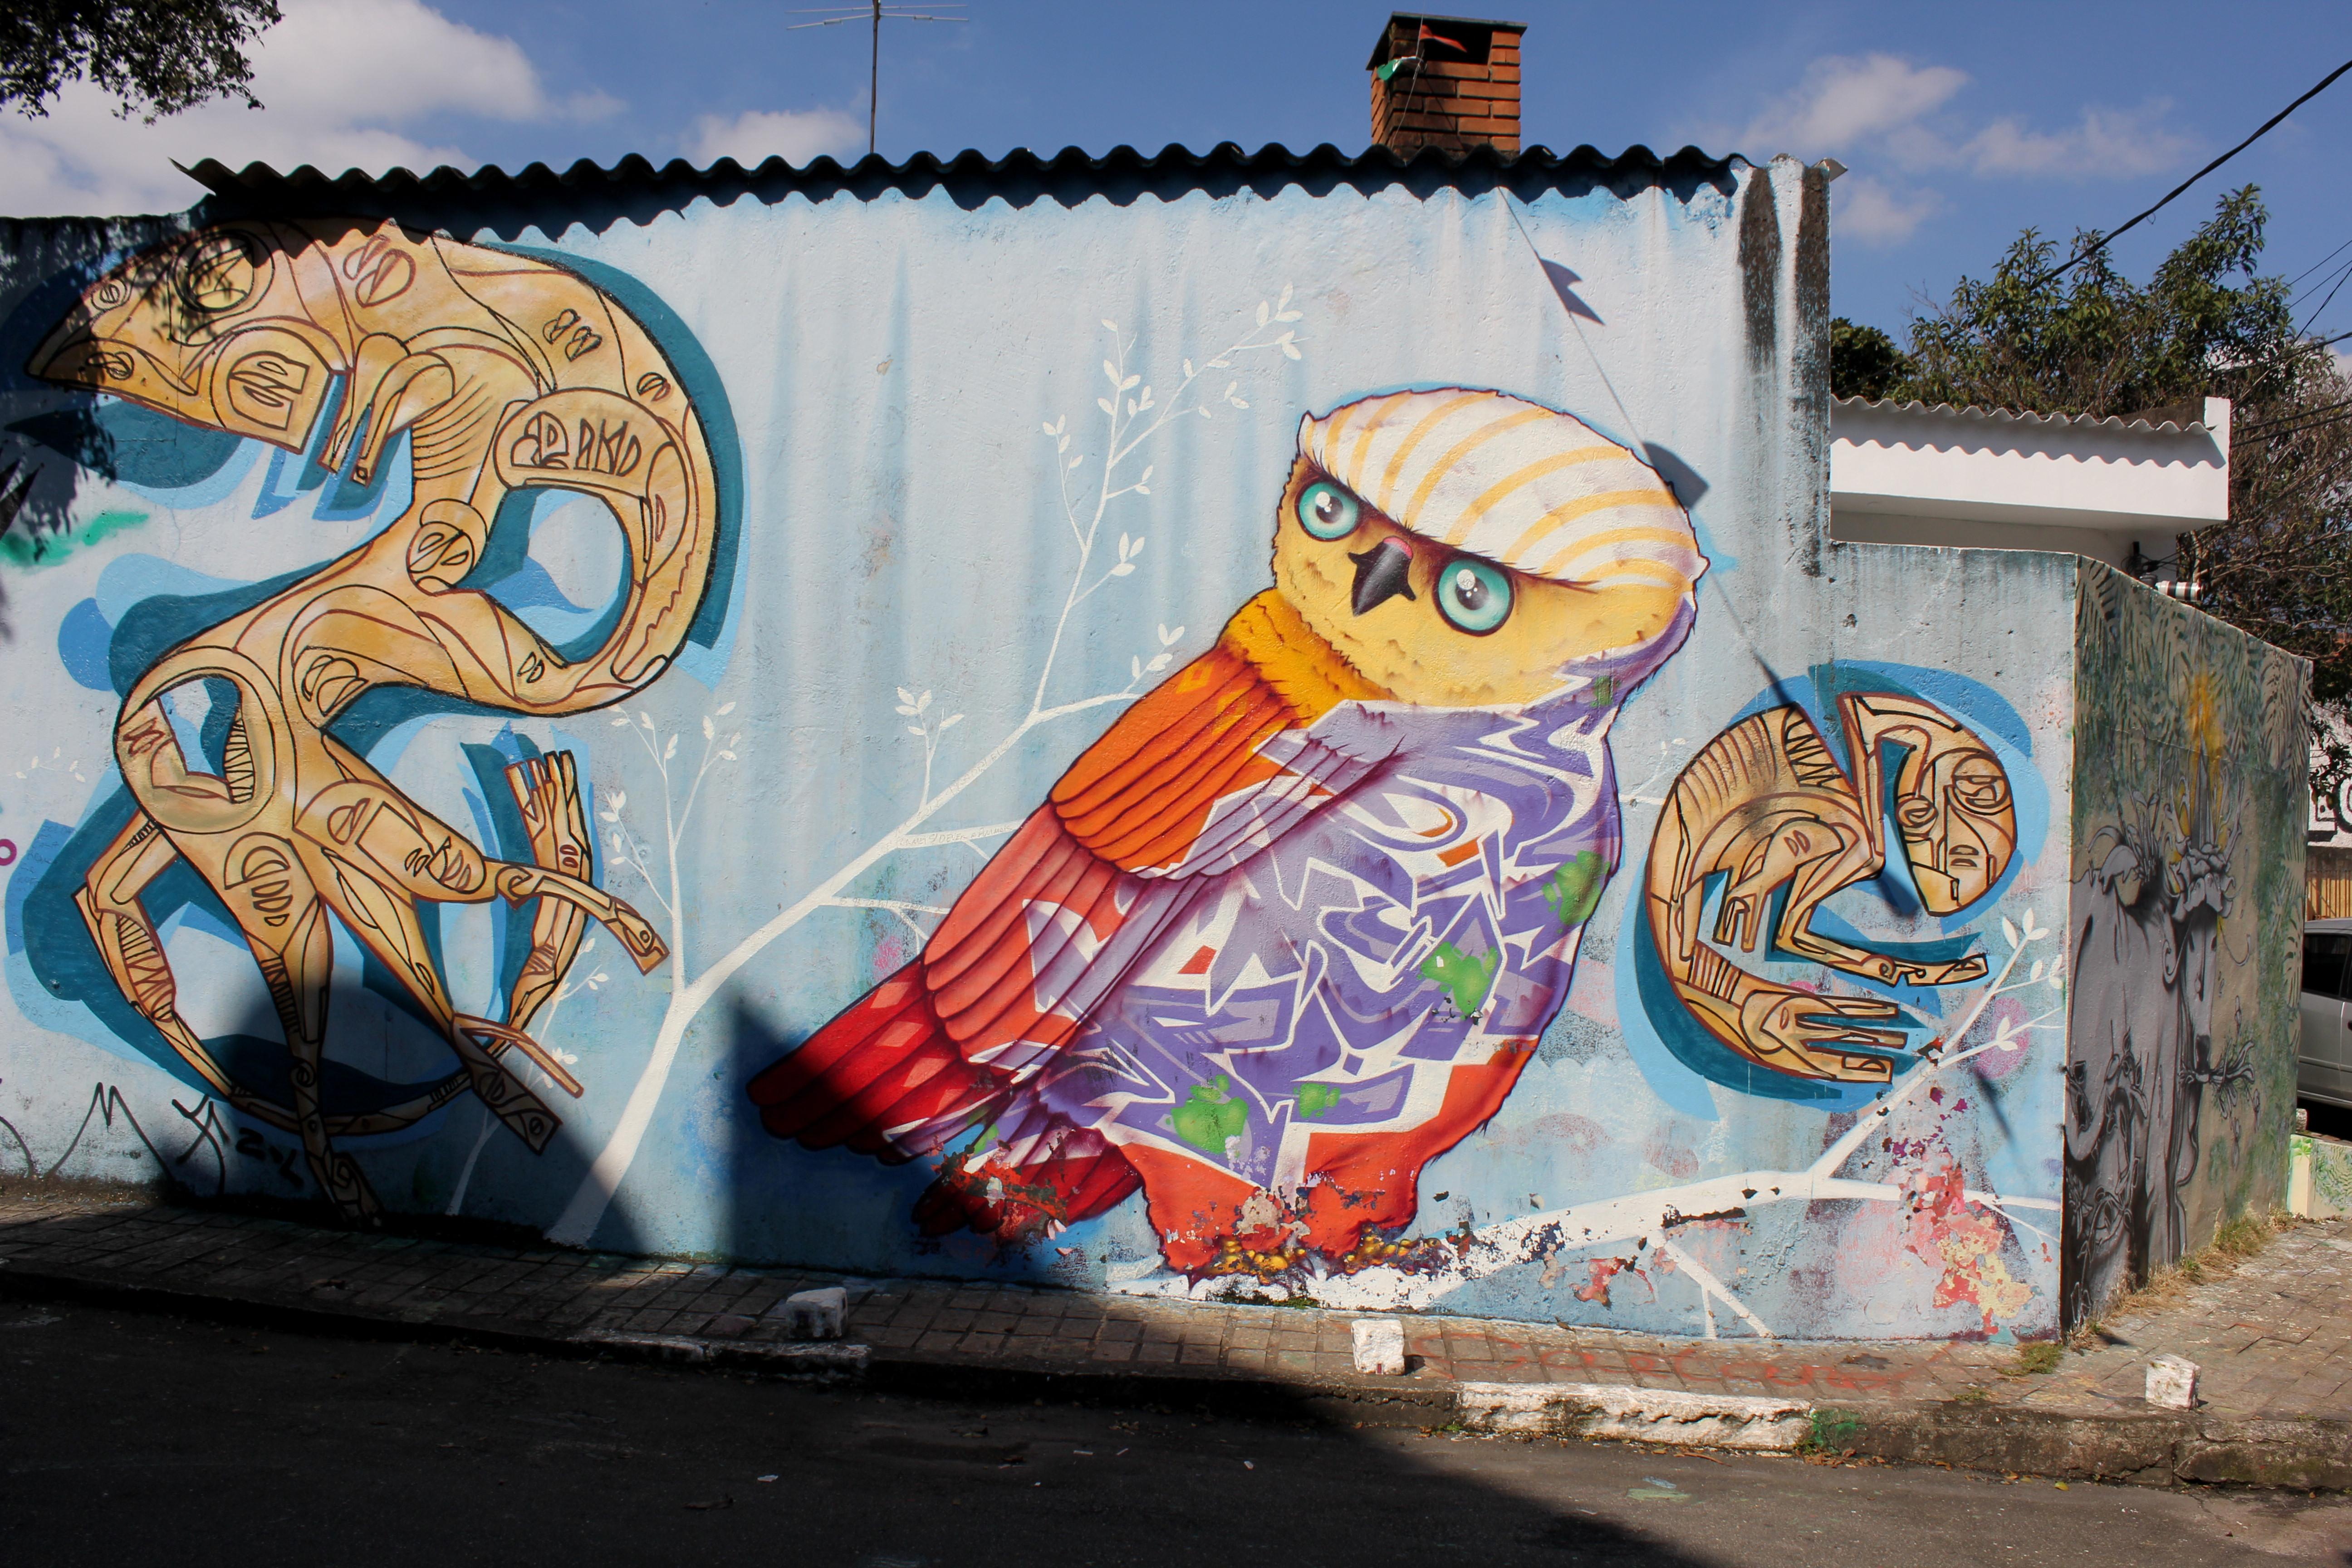 São Paulo's Street Art 60